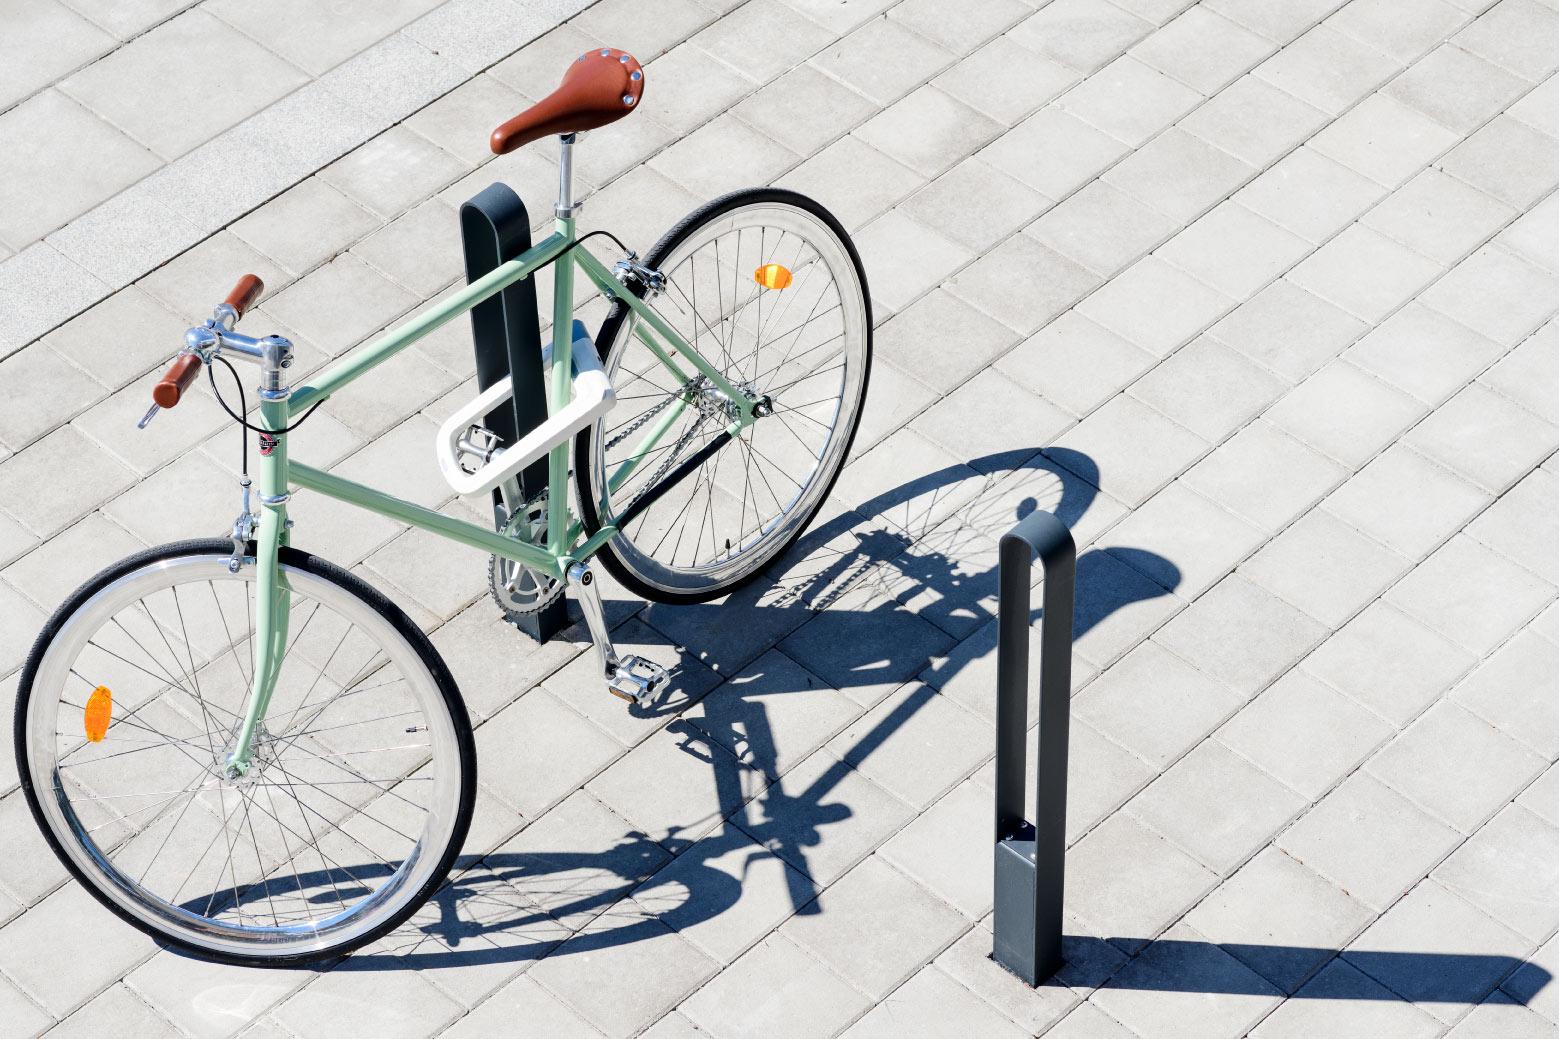 Två cykelpollare LUX från Cyklos där det vid en av pollarna står en grön cykel